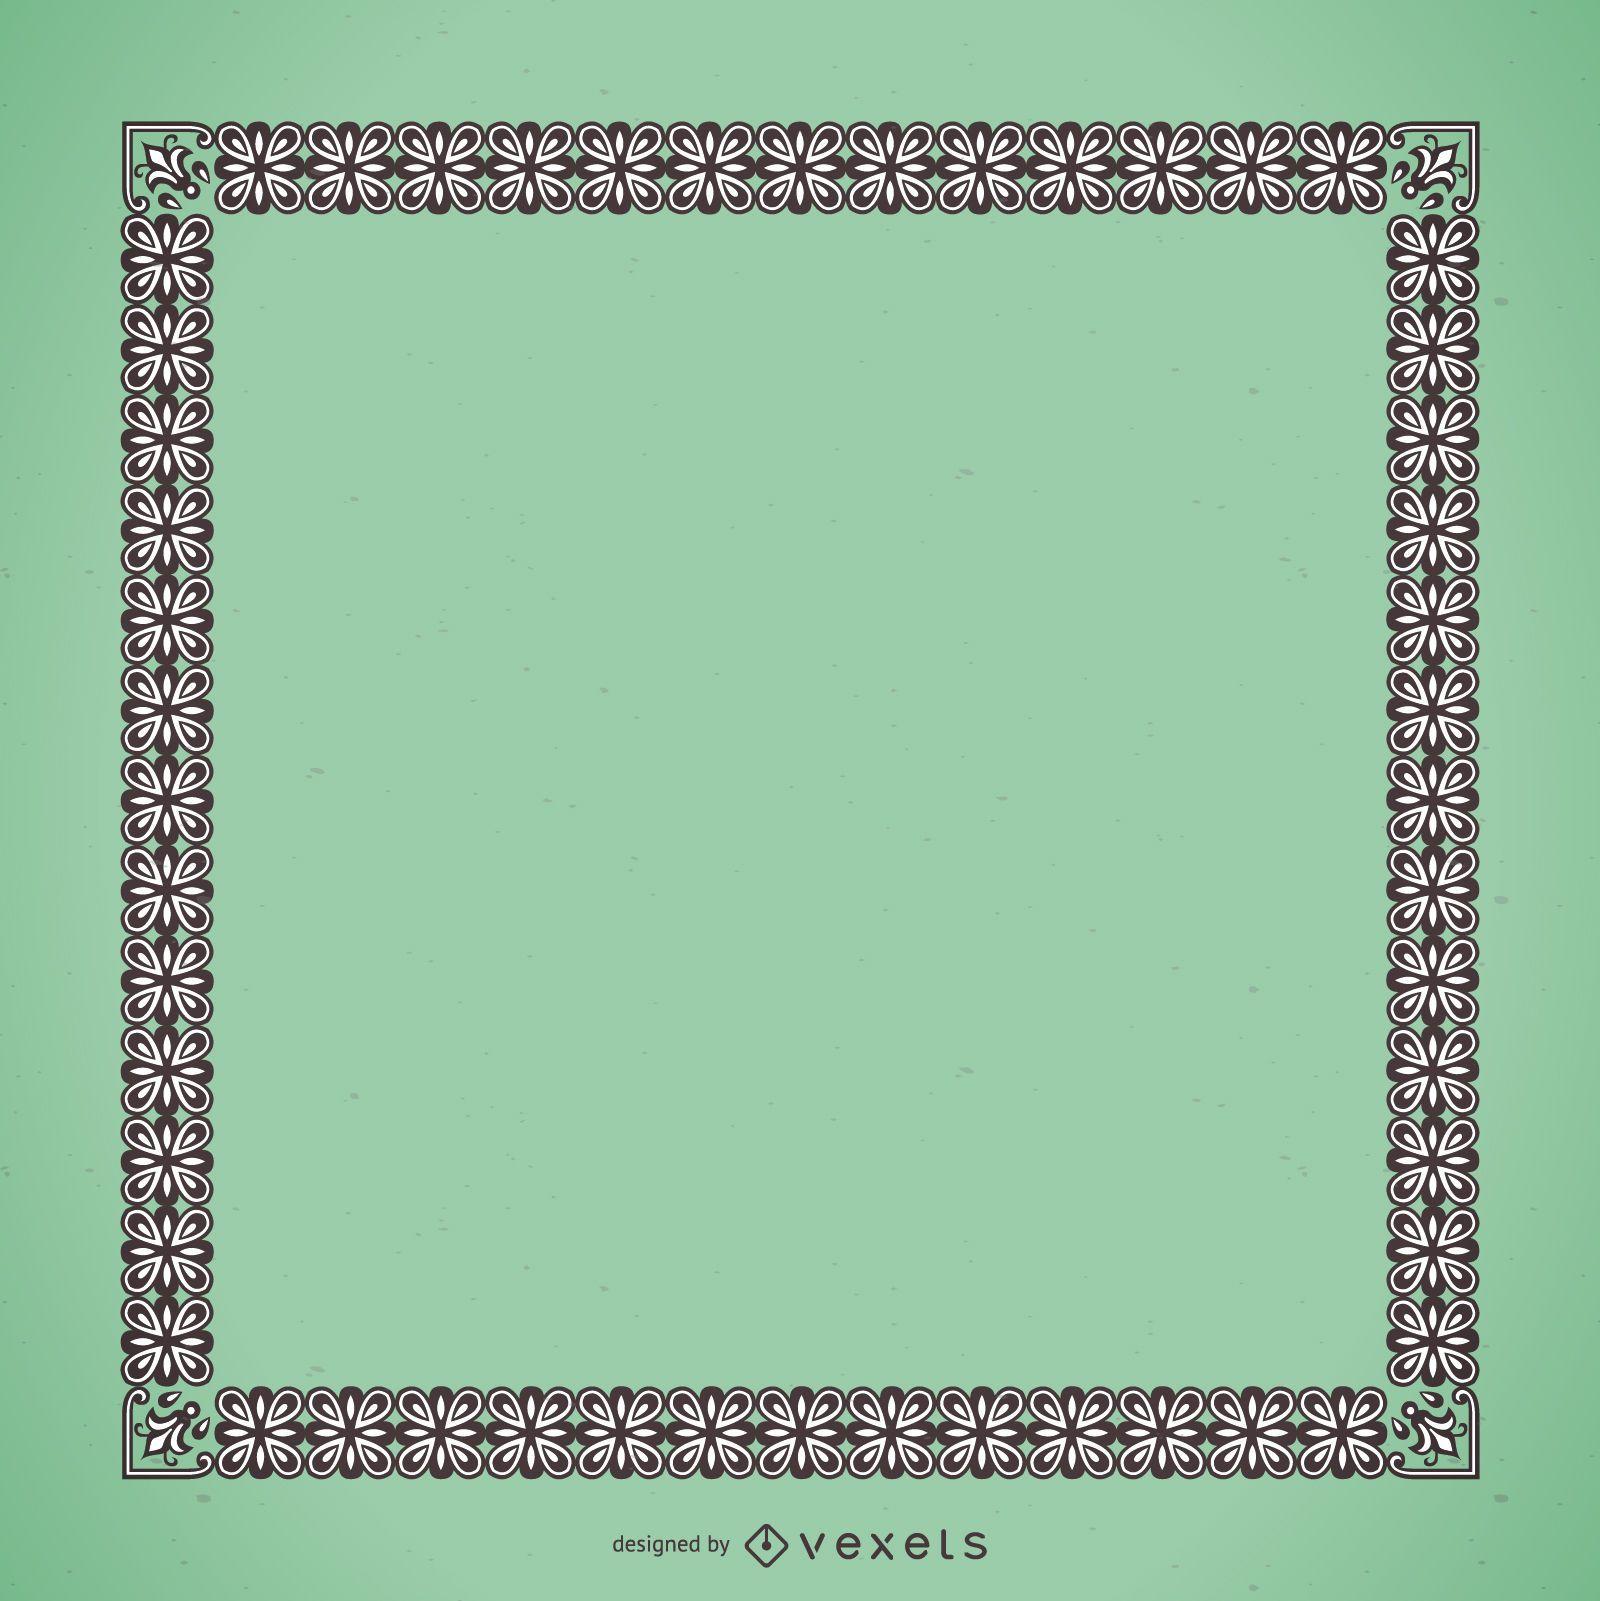 Elegant frame with floral ornaments